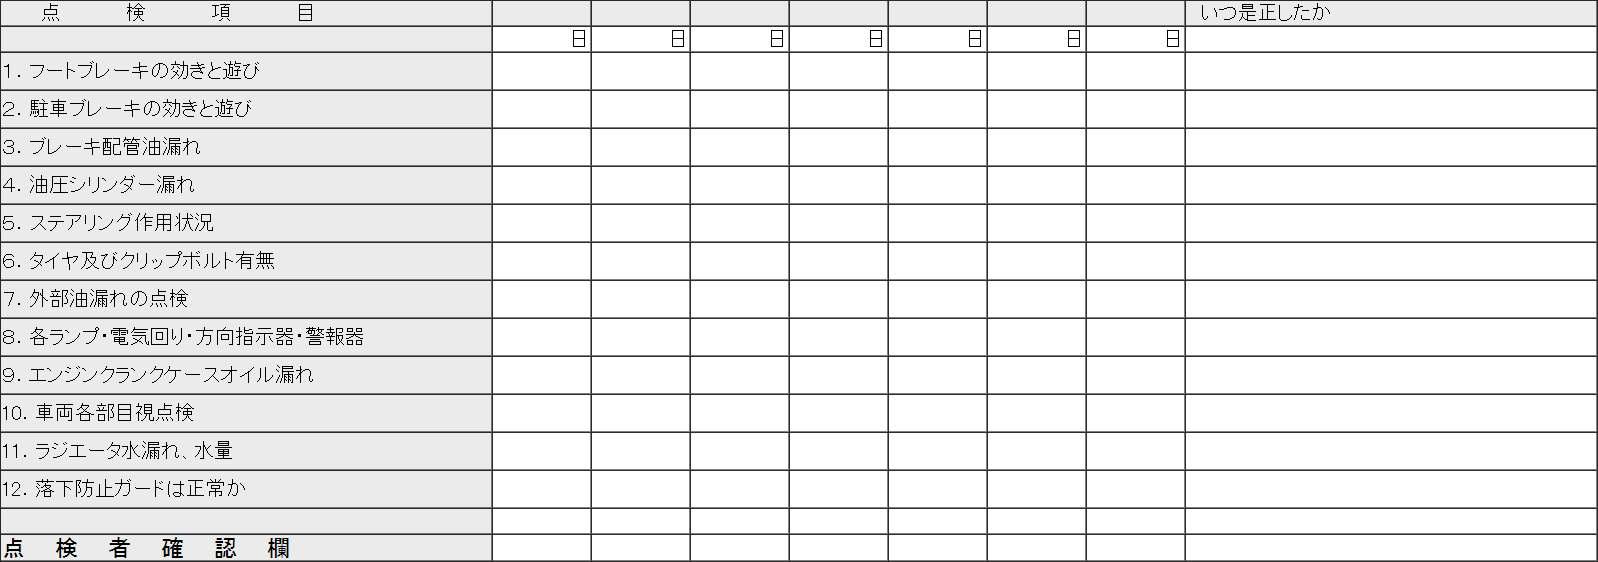 フォークリフト点検表